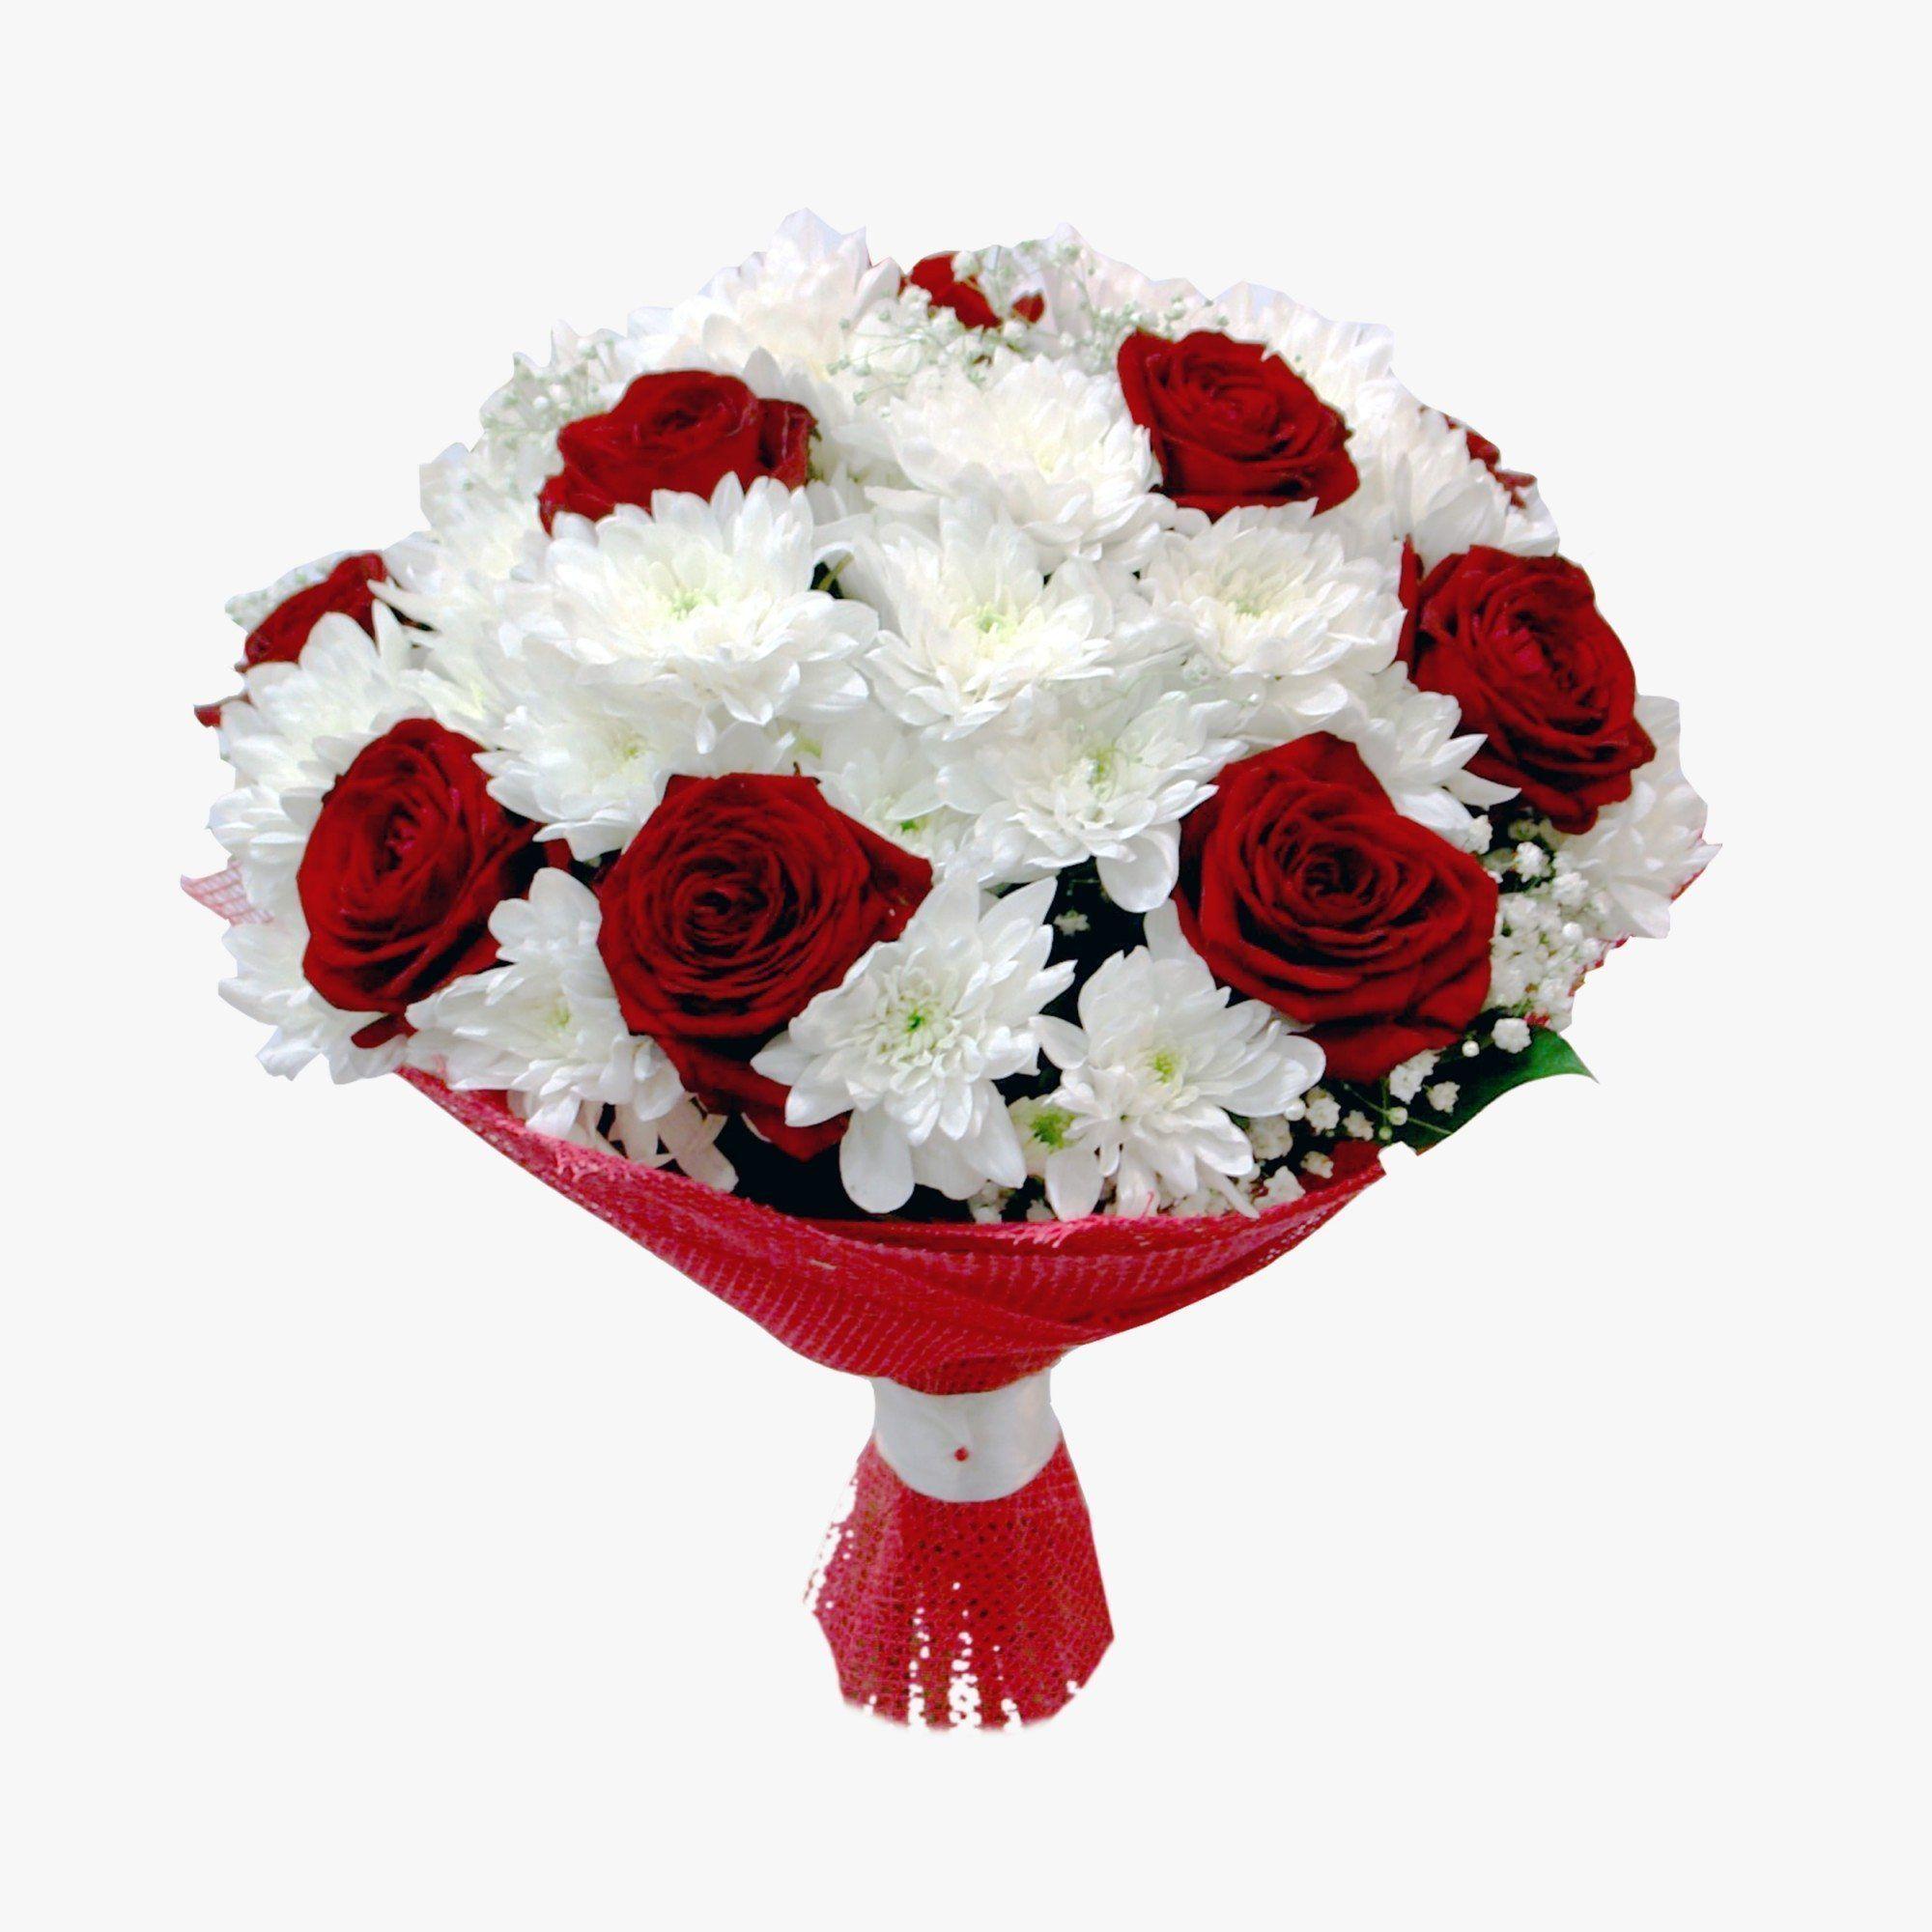 Невесты свадьбу, свадебный букет из красной кустовой розы и белой хризантемы